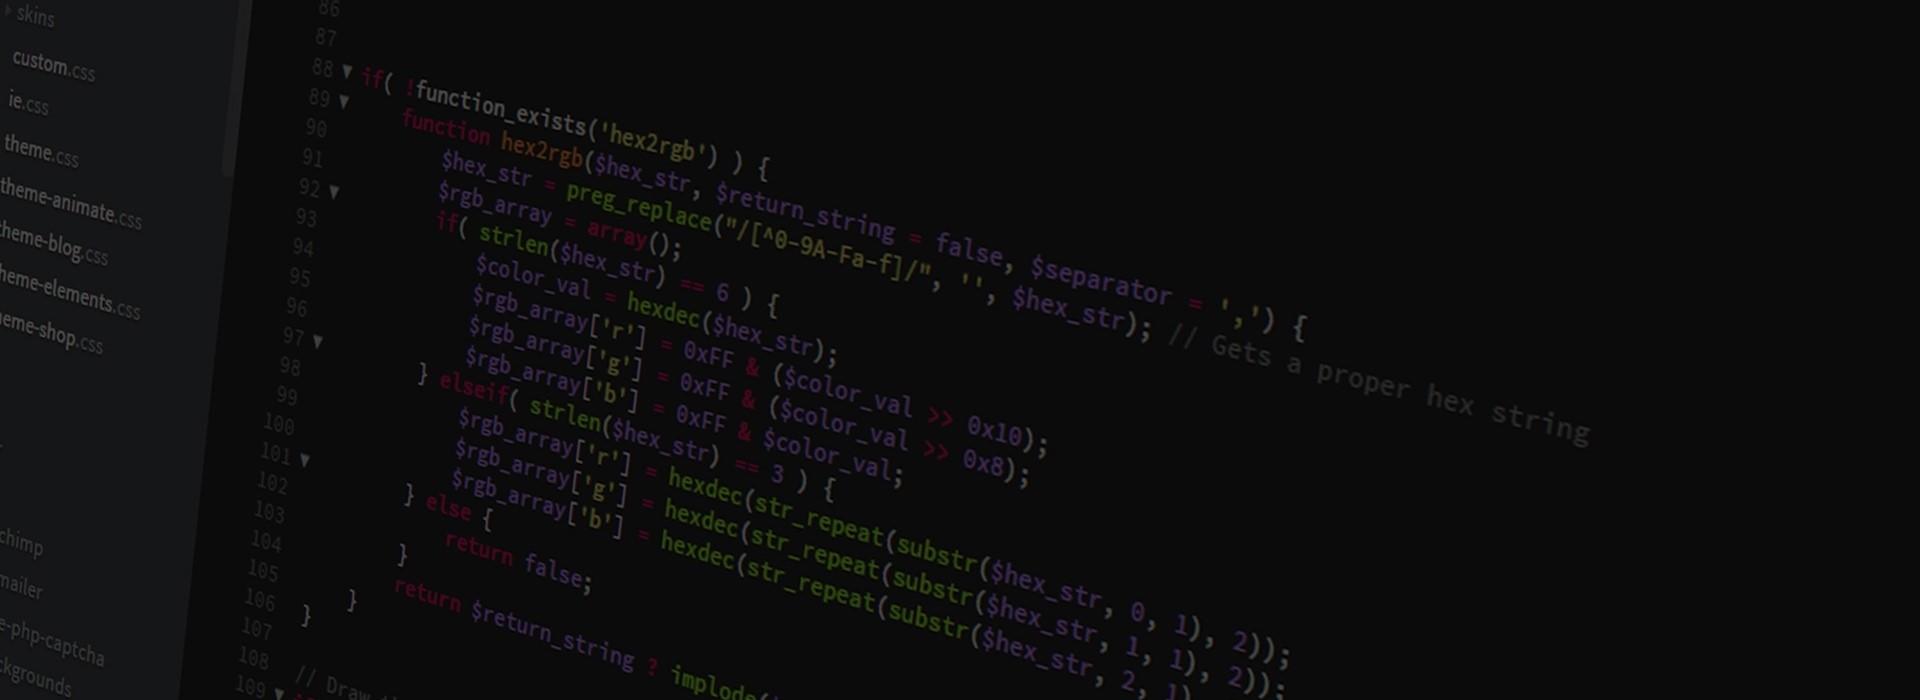 Individuelle SoftwarelösungMehr als 7 Jahre erfahrung